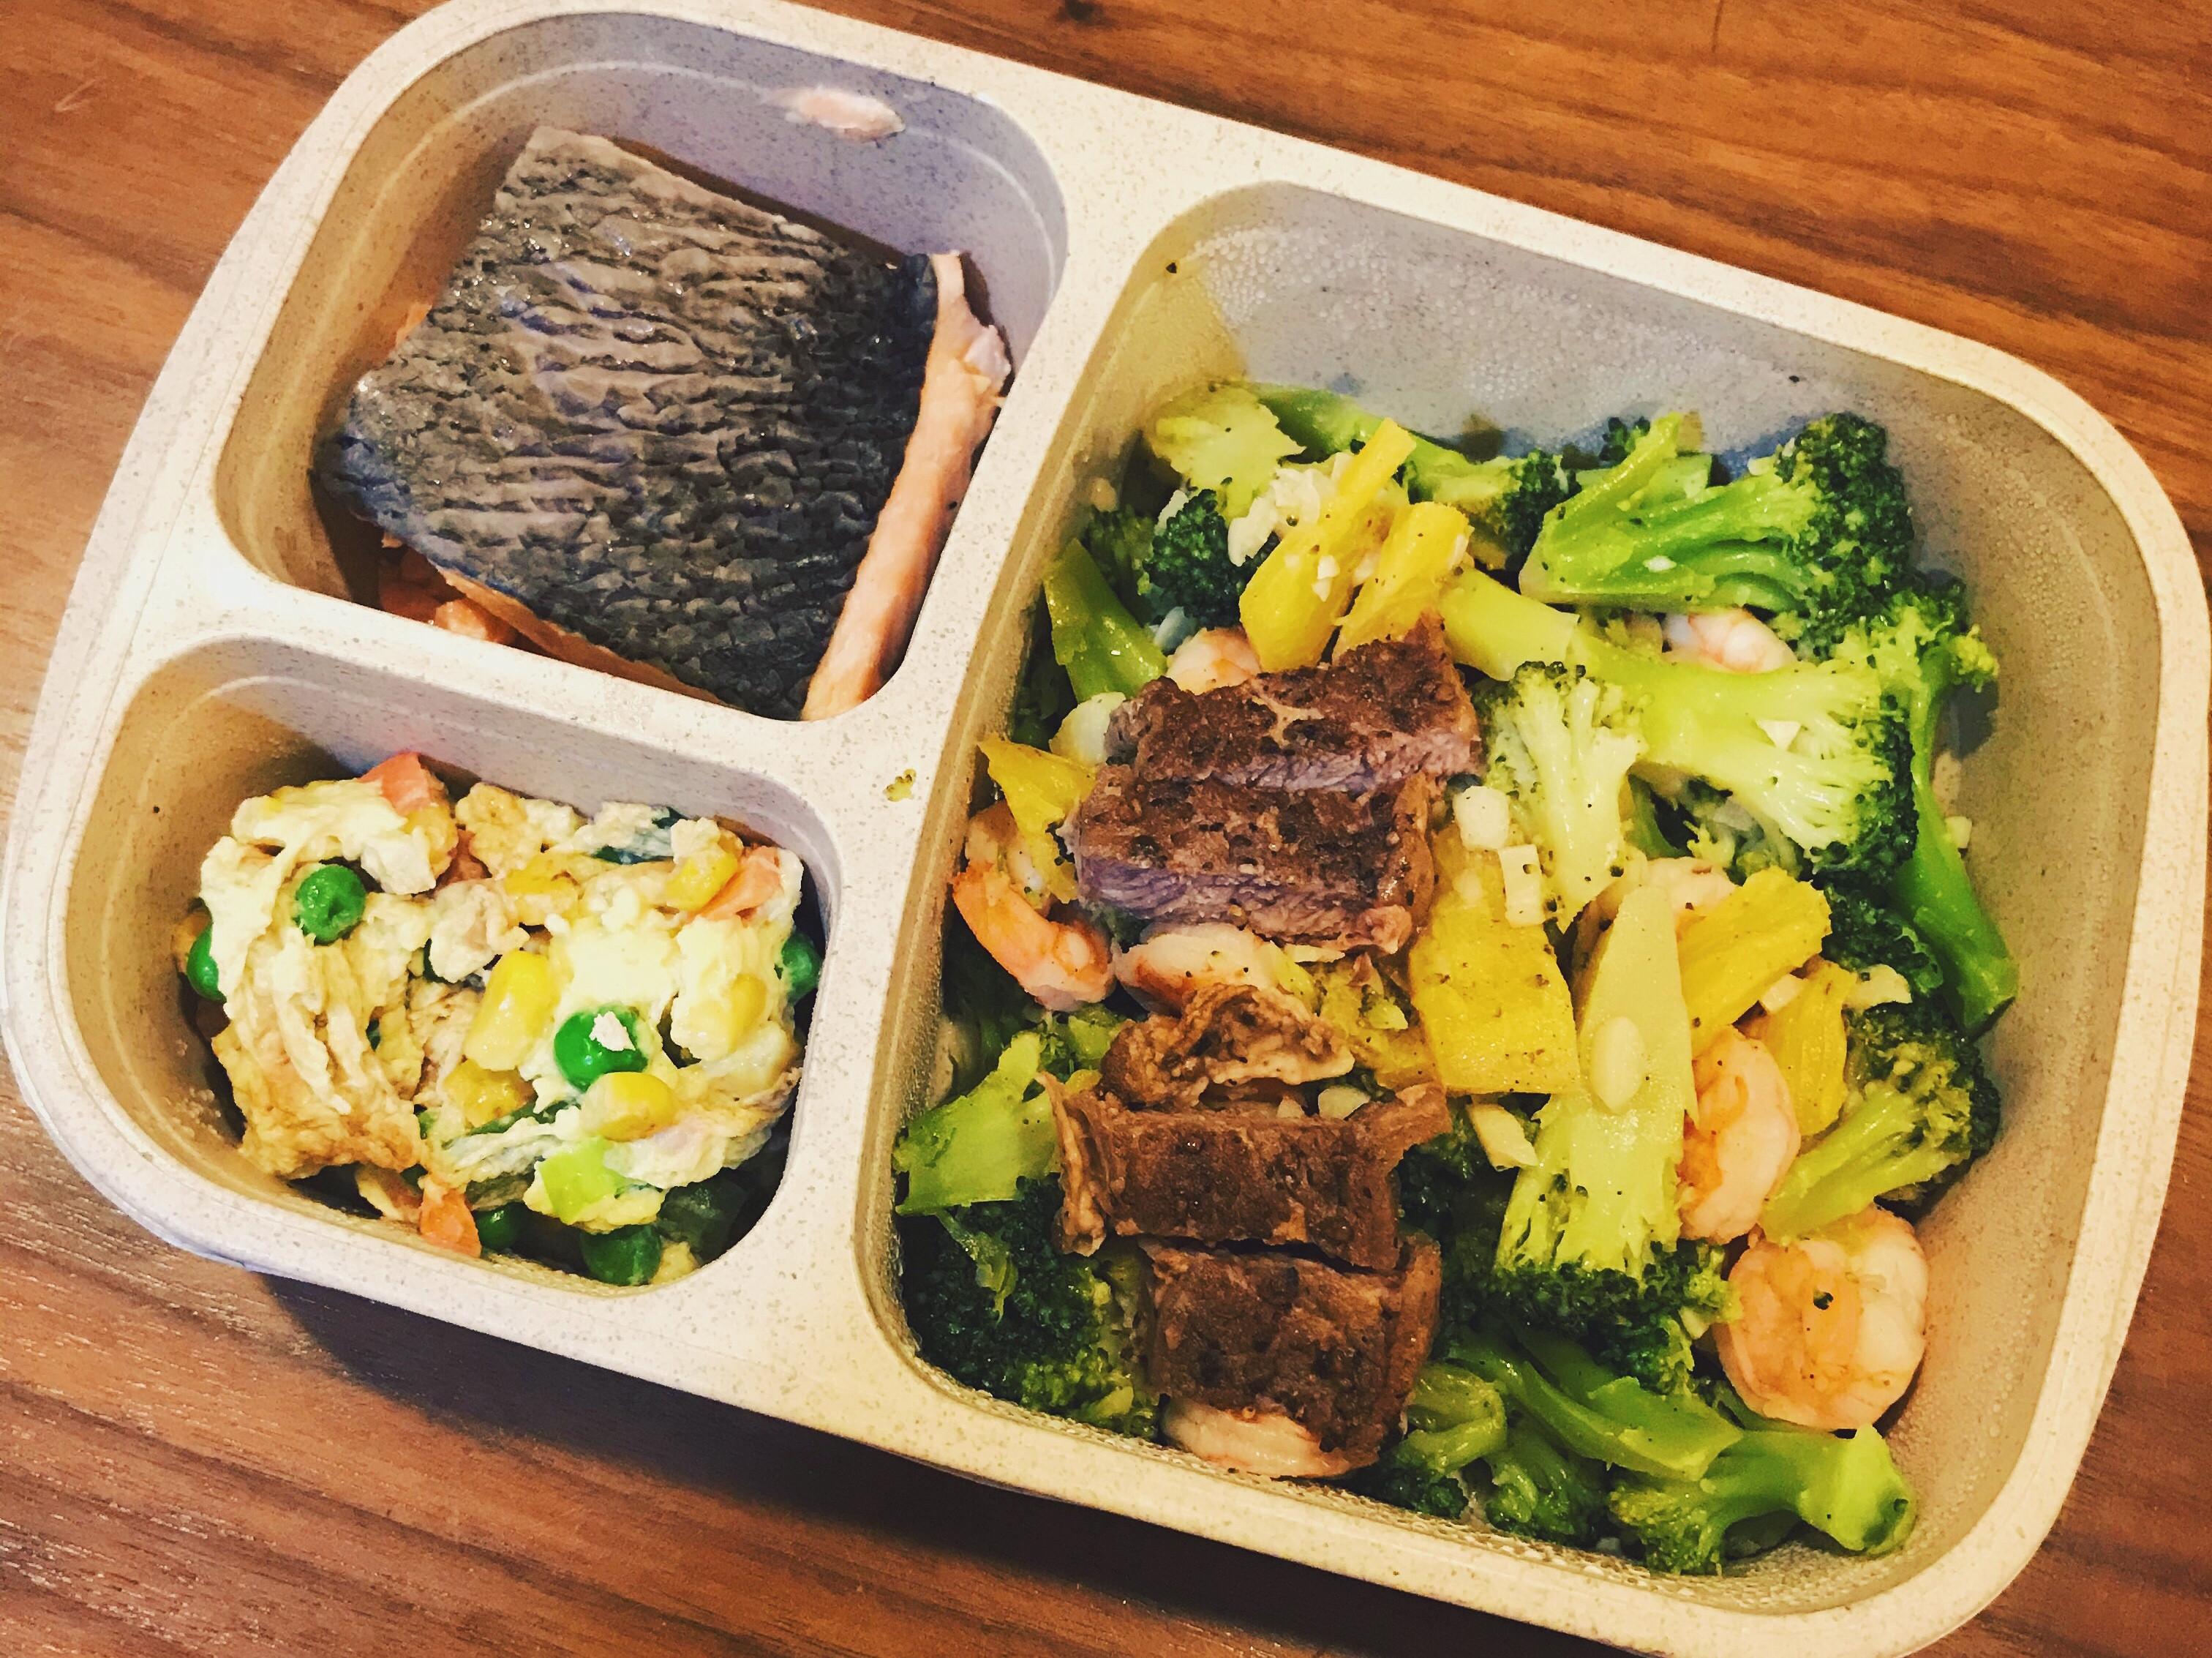 鳳梨花椰菜佐水煮鮭魚